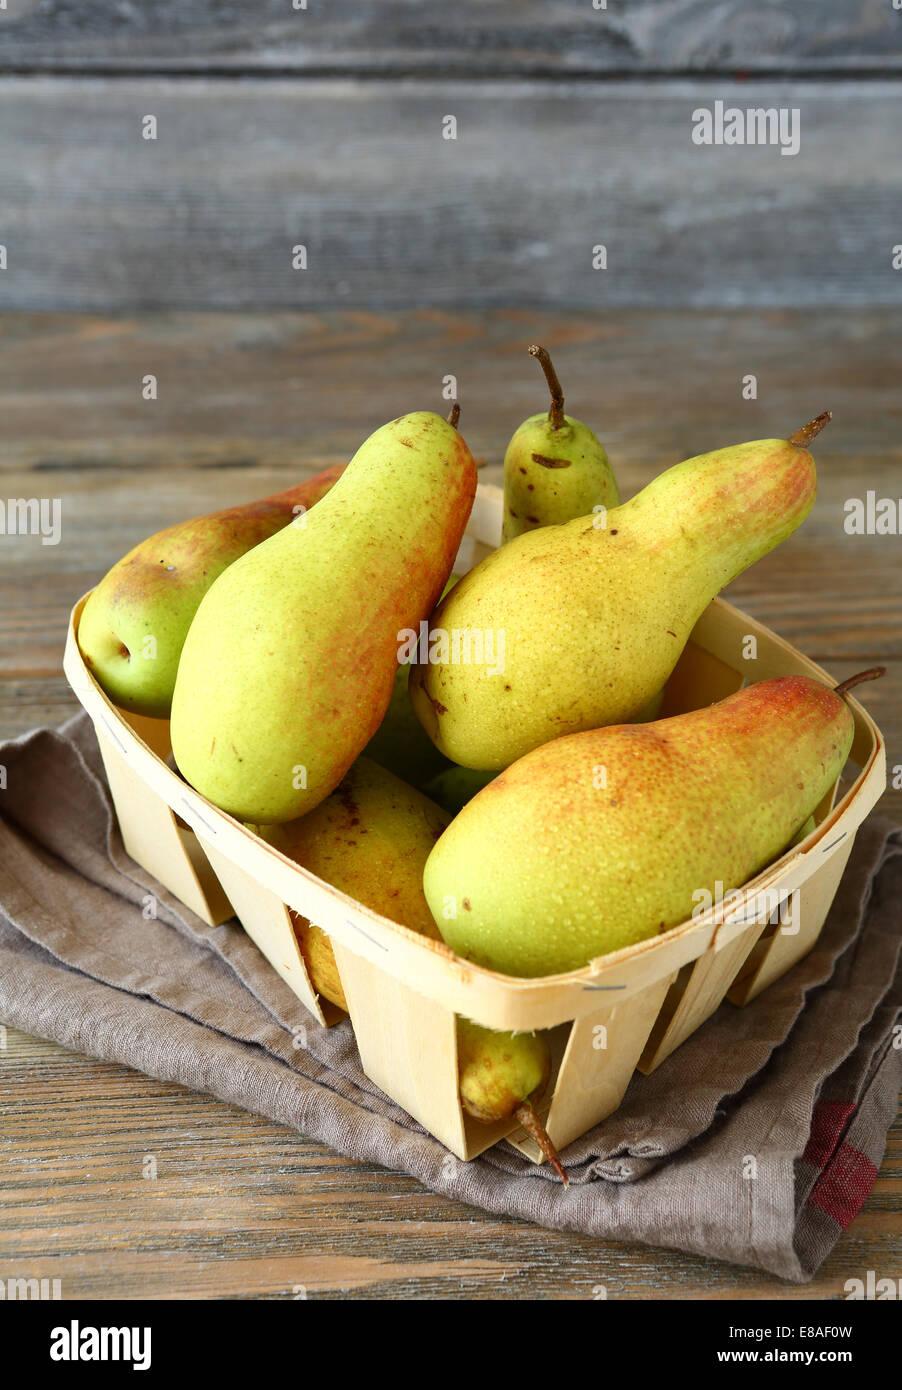 Les poires dans un tiroir sur serviette, fruits Photo Stock